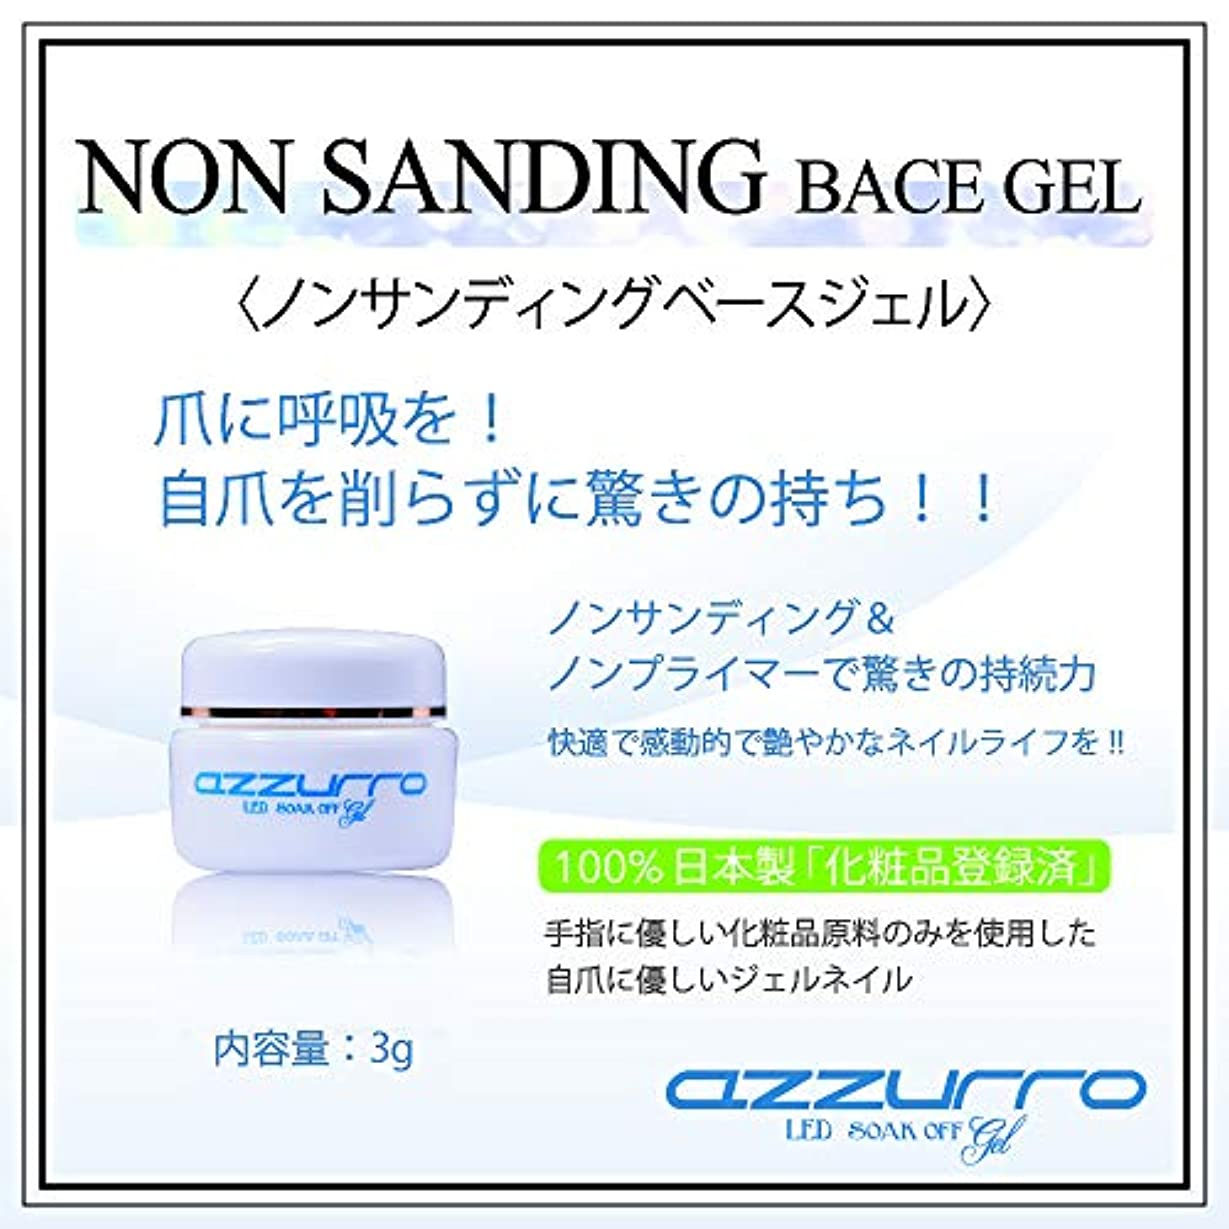 お尻豚沈黙azzurro gel アッズーロ ノンサンディング ベースジェル 削らないのに抜群の密着力 リムーバーでオフも簡単 3g